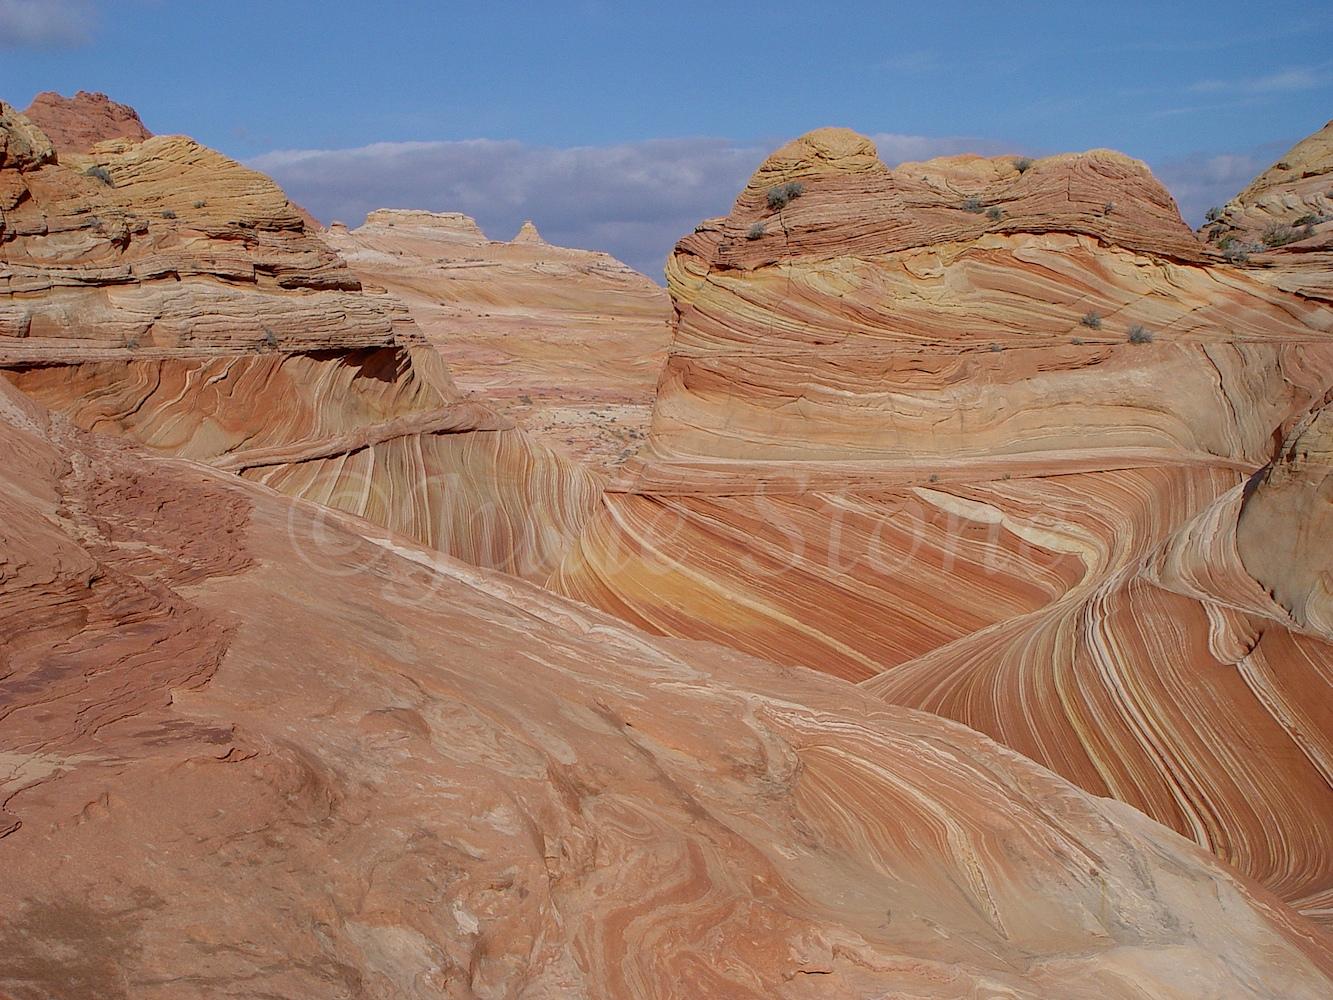 Paria Canyon-Vermilion Cliffs Wilderness/The Wave 2003  (2)